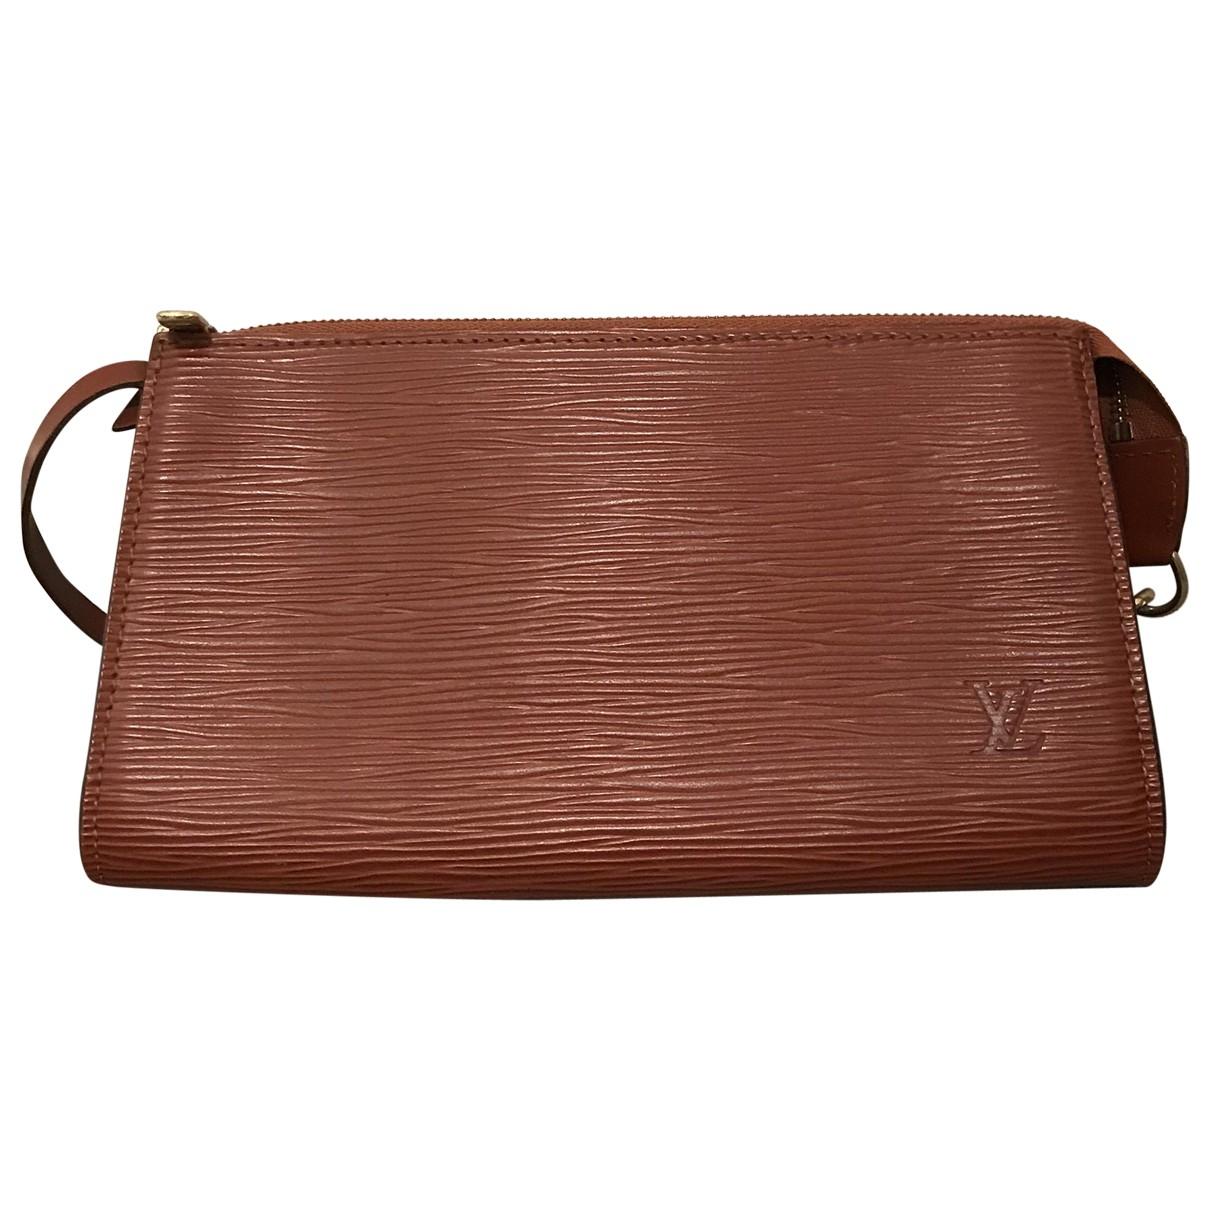 Louis Vuitton Pochette Accessoire Brown Leather Clutch bag for Women \N